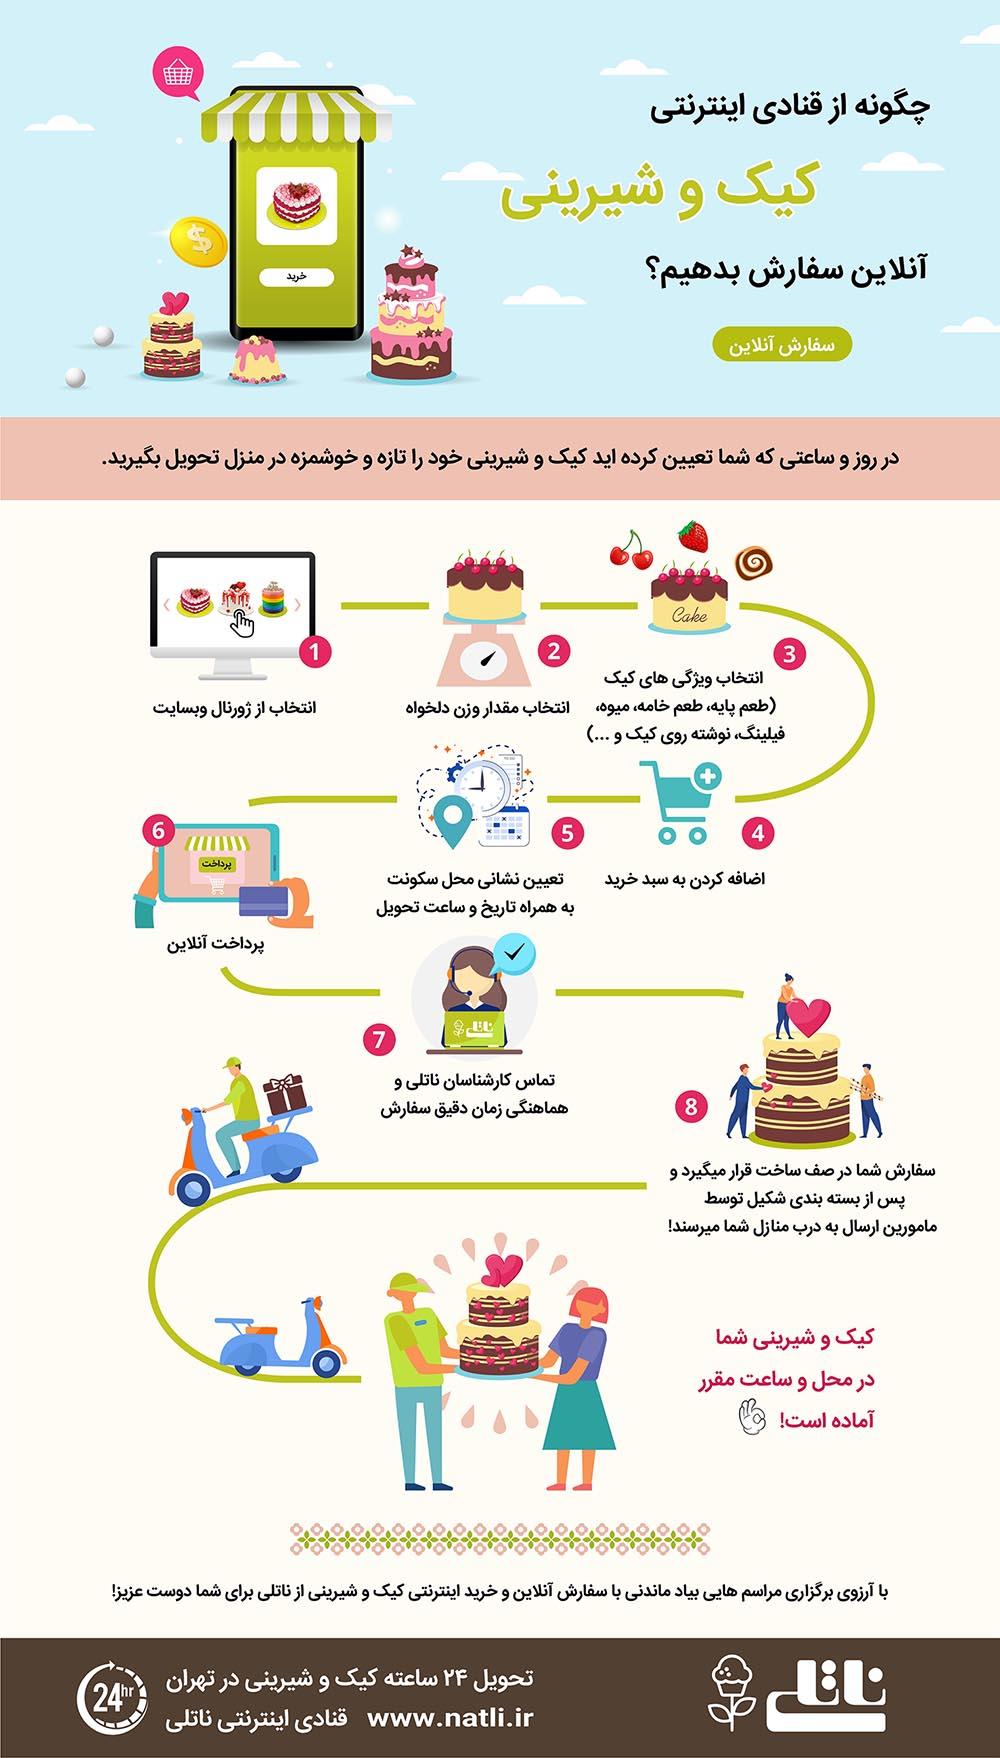 سفارش اینترنتی کیک و شیرینی آنلاین تهران